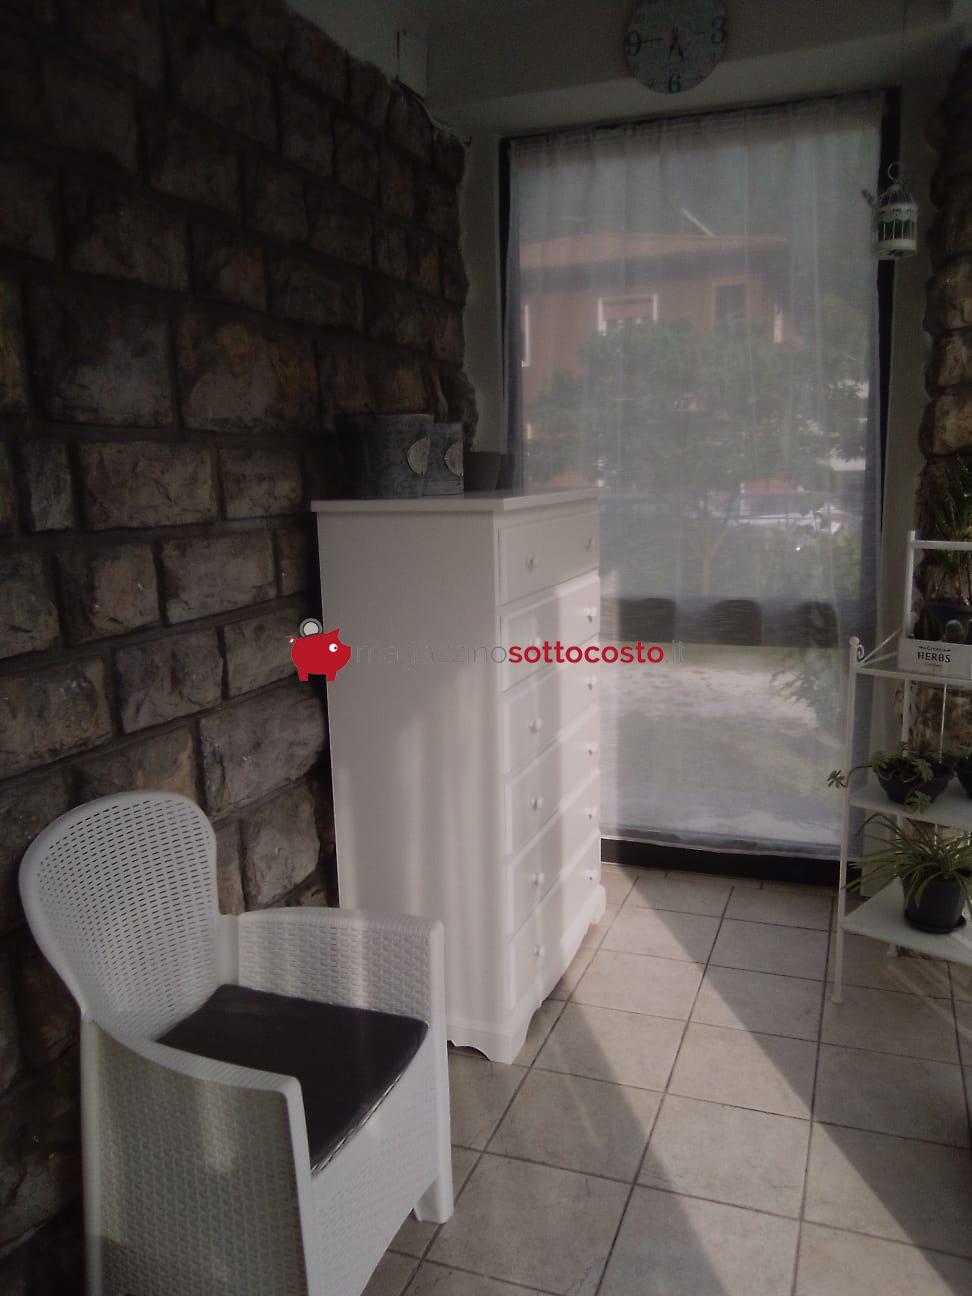 CASSETTIERA BIANCO OPACO fornita dal cliente